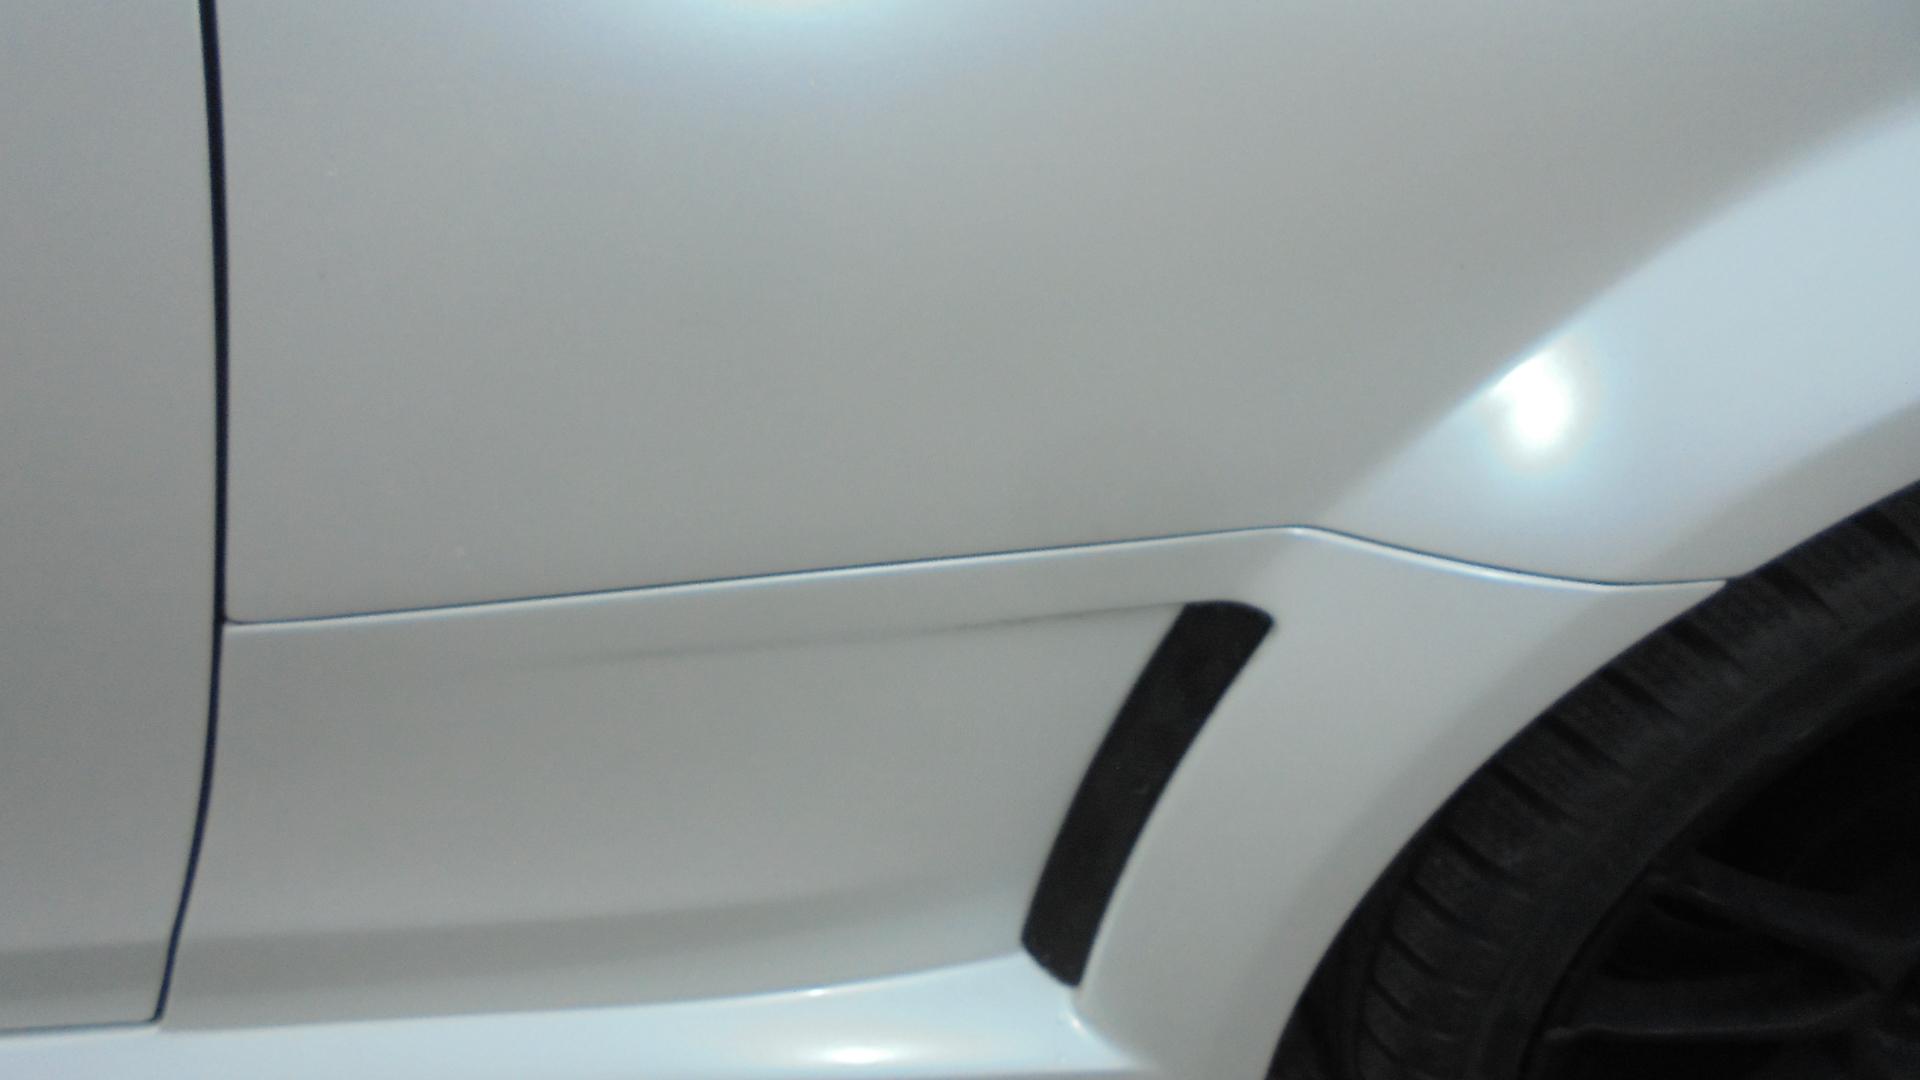 C-Klasse W204 Black Series Umbau, Bodykit, Göckel Performance